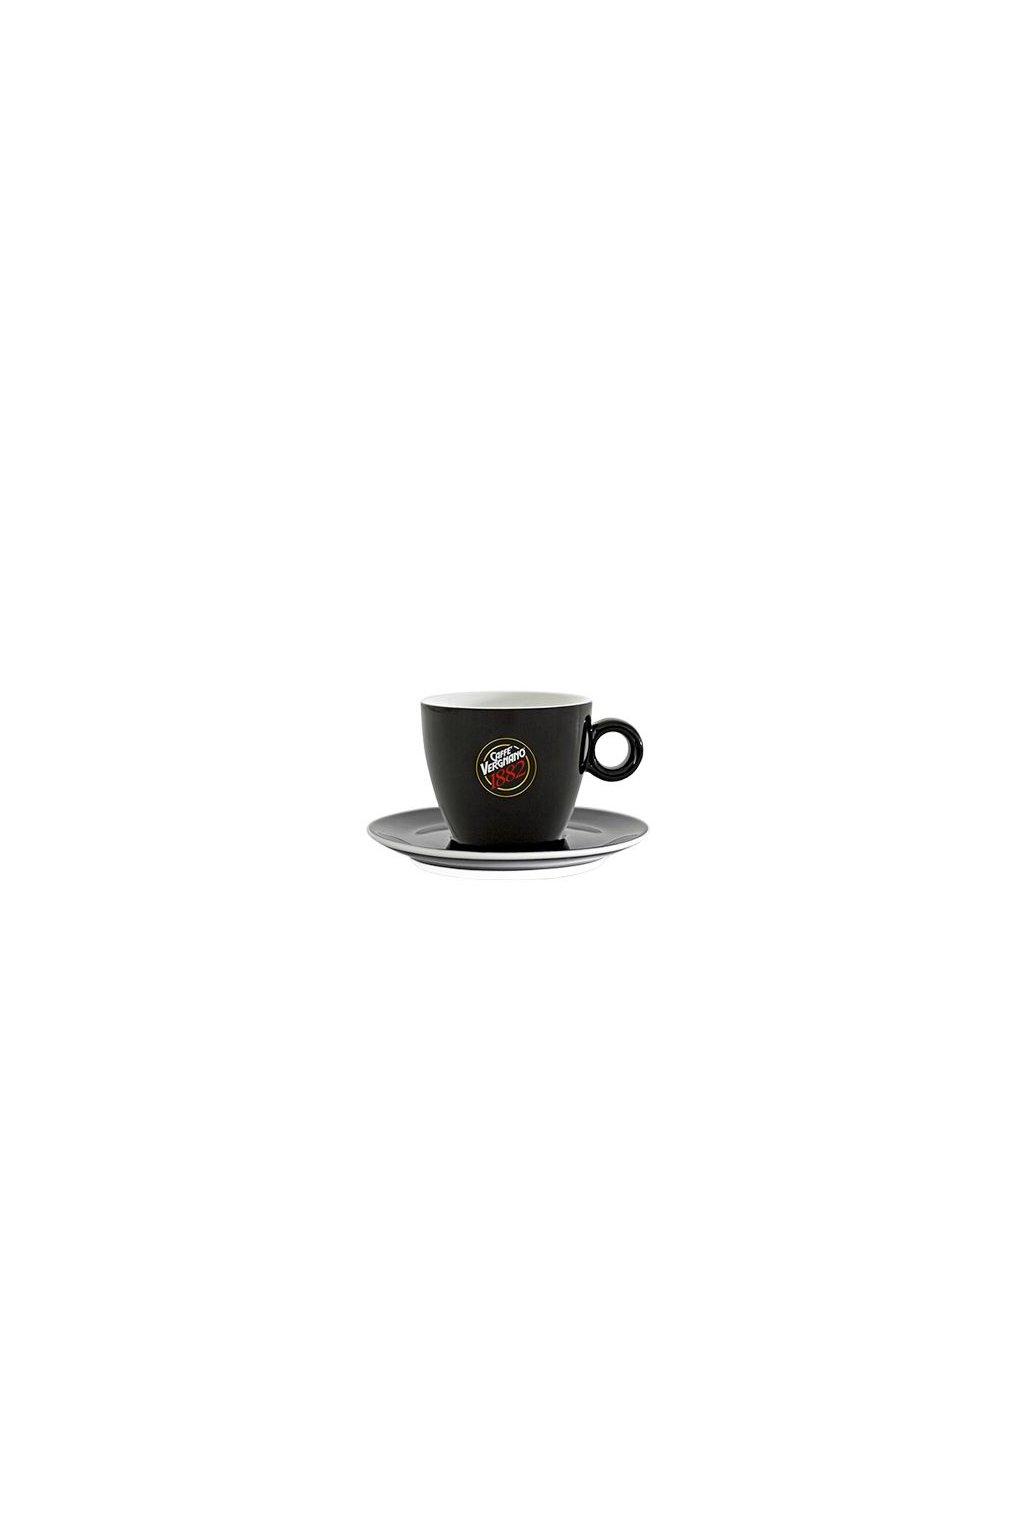 linea 1882 tazza cappuccino e1493732855608